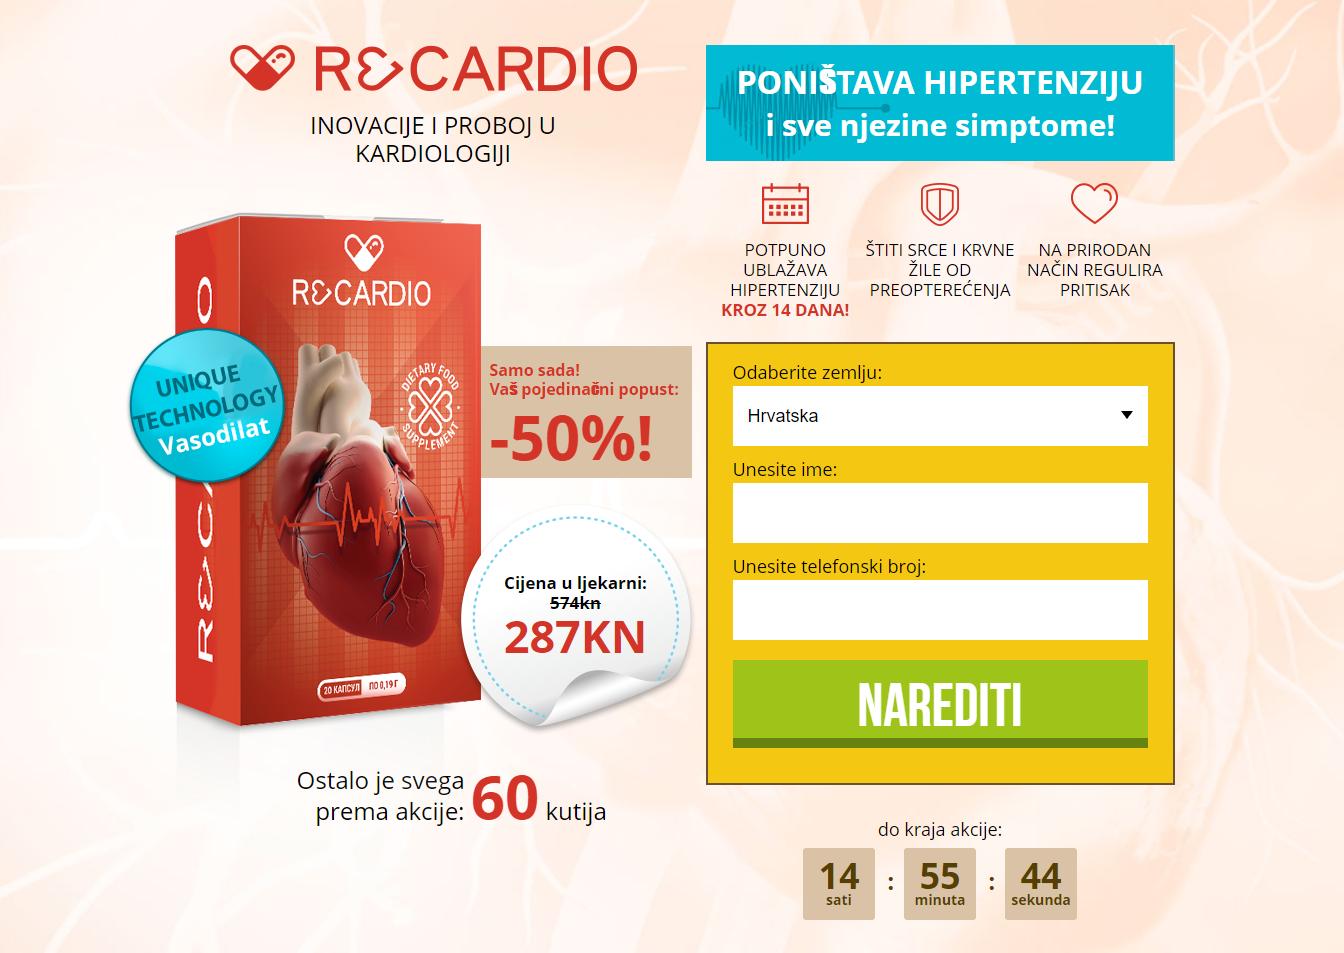 lijekovi za visoki krvni tlak ne pomažu akutna skrb za hipertenziju krize